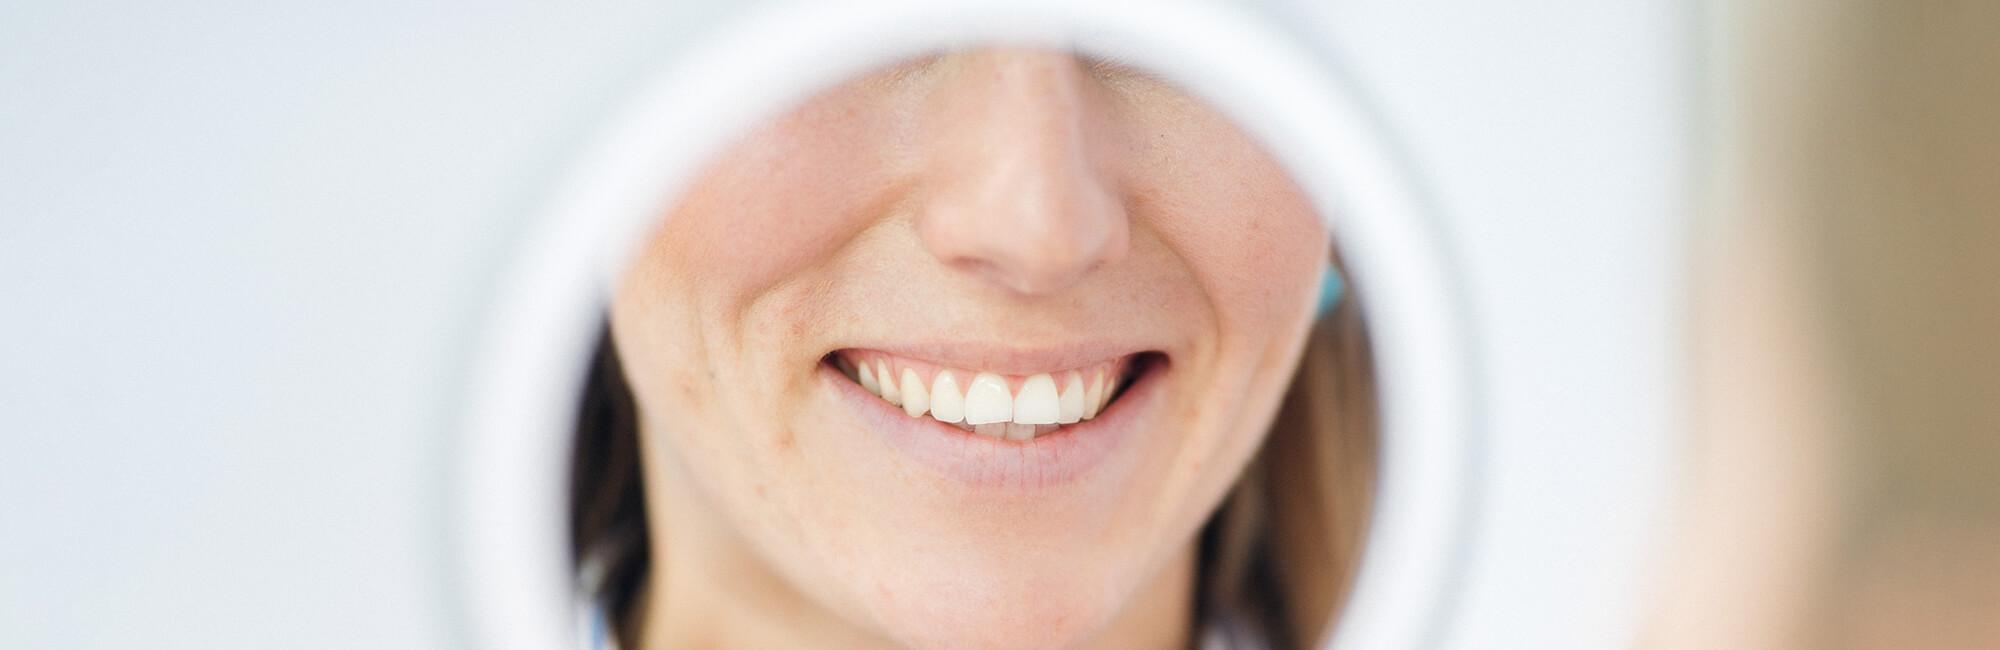 Zahnarzt Trudering - Dr. Gruber - Leistungen Slider